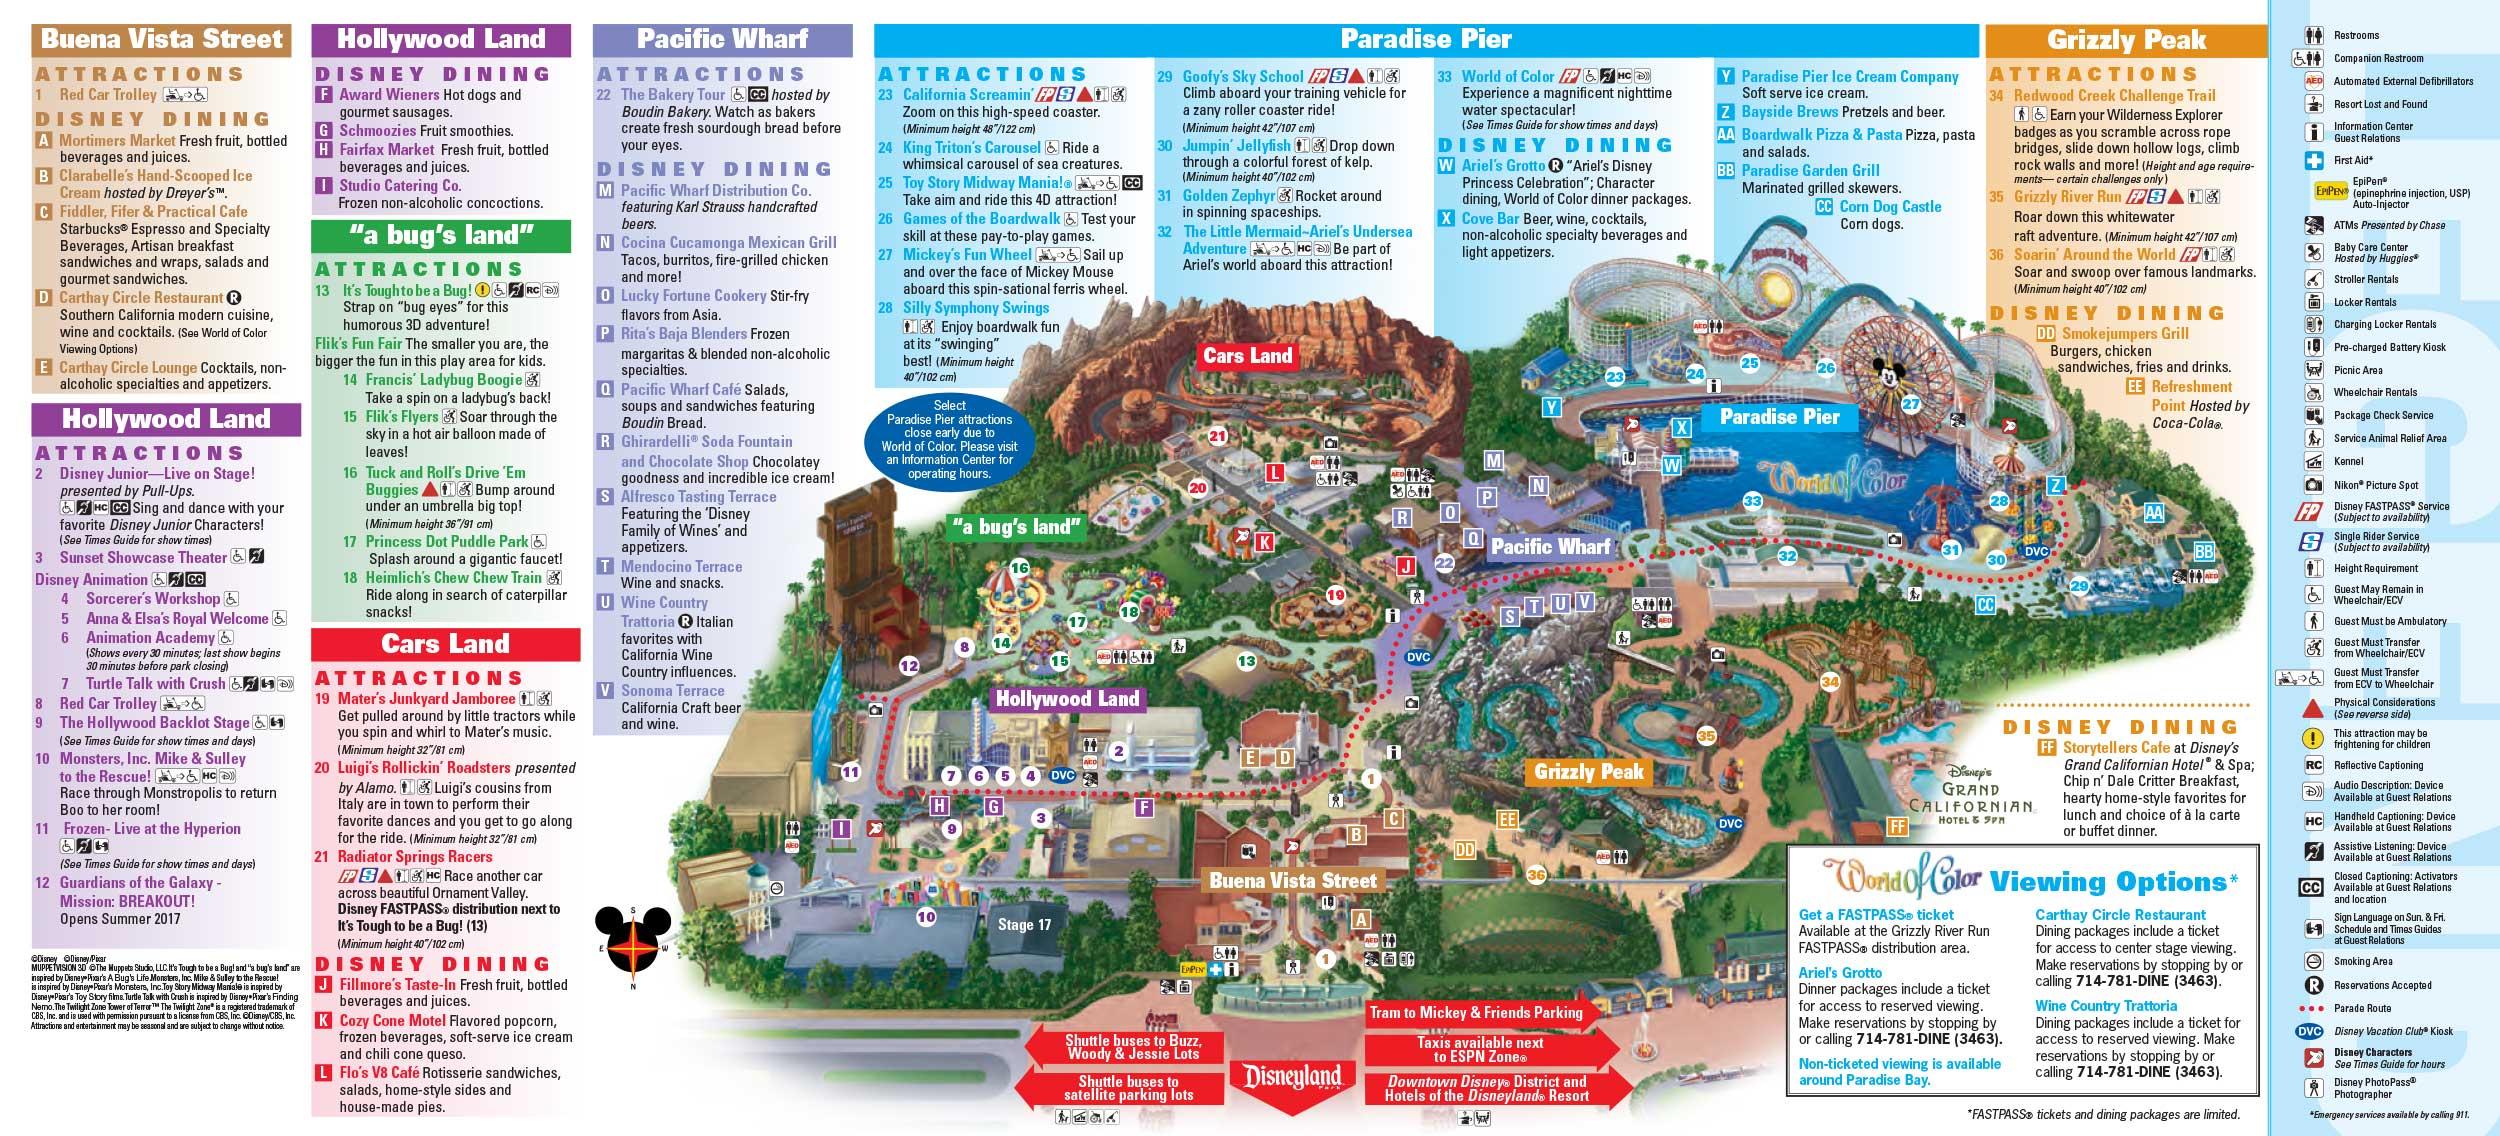 Disneyland Park Map In California, Map Of Disneyland - California Adventure Map 2017